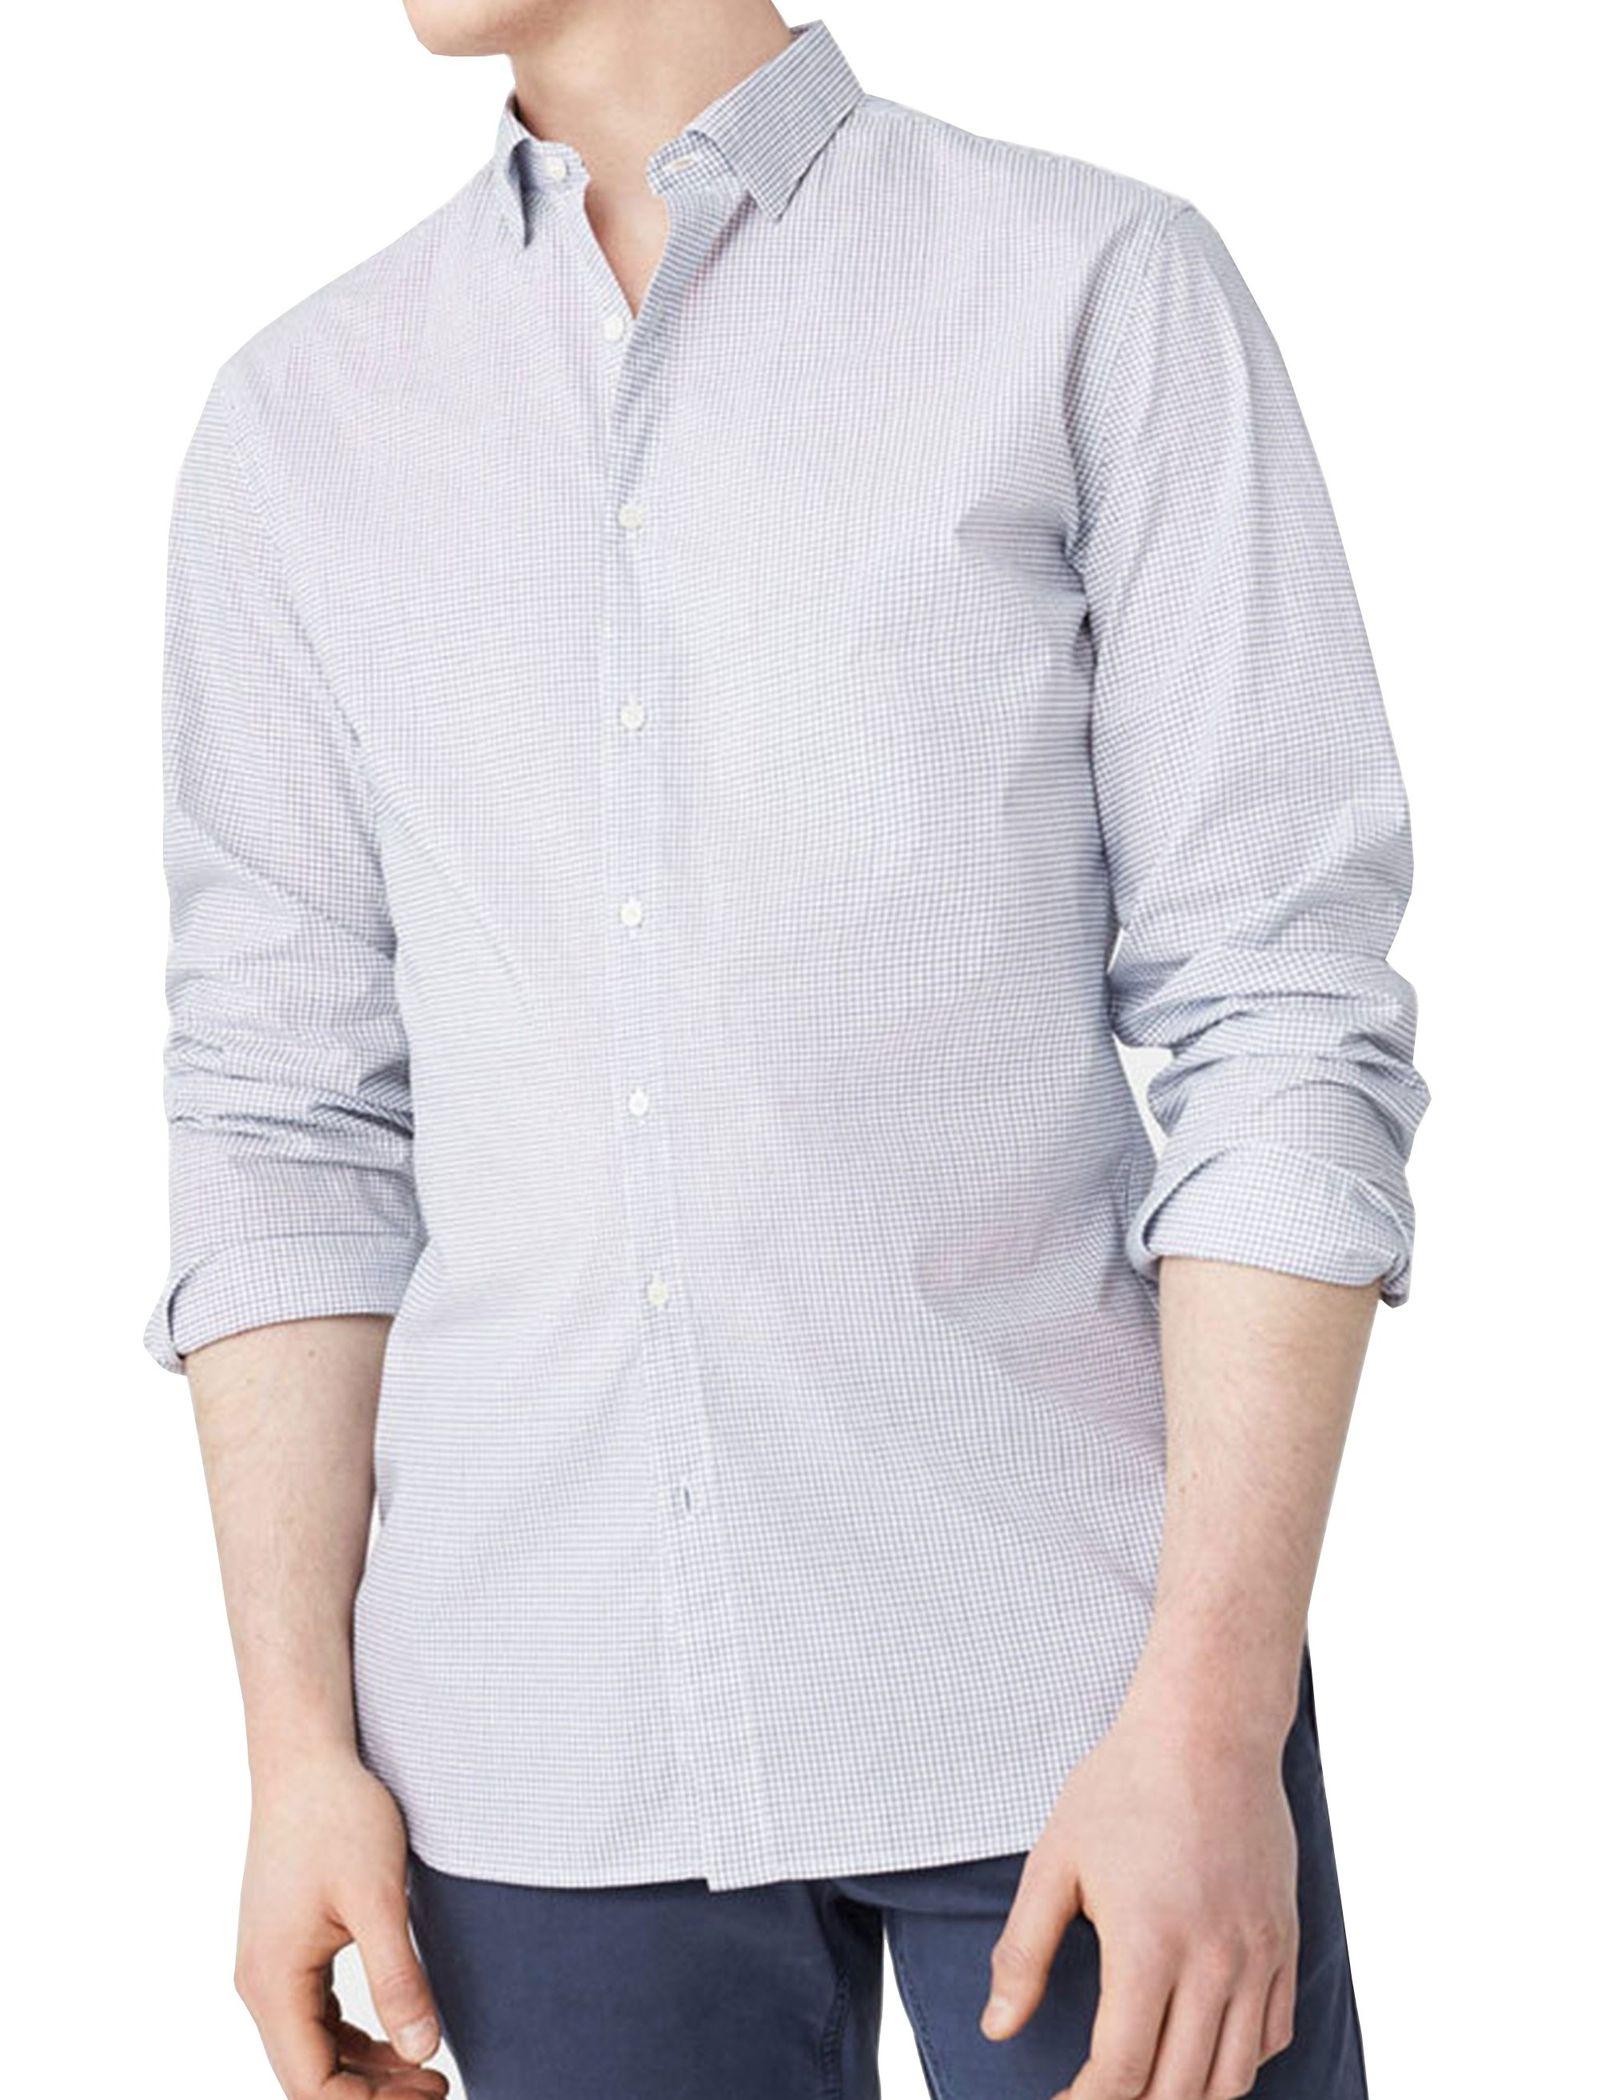 پیراهن آستین بلند مردانه - مانگو - سفيد و آبي - 5